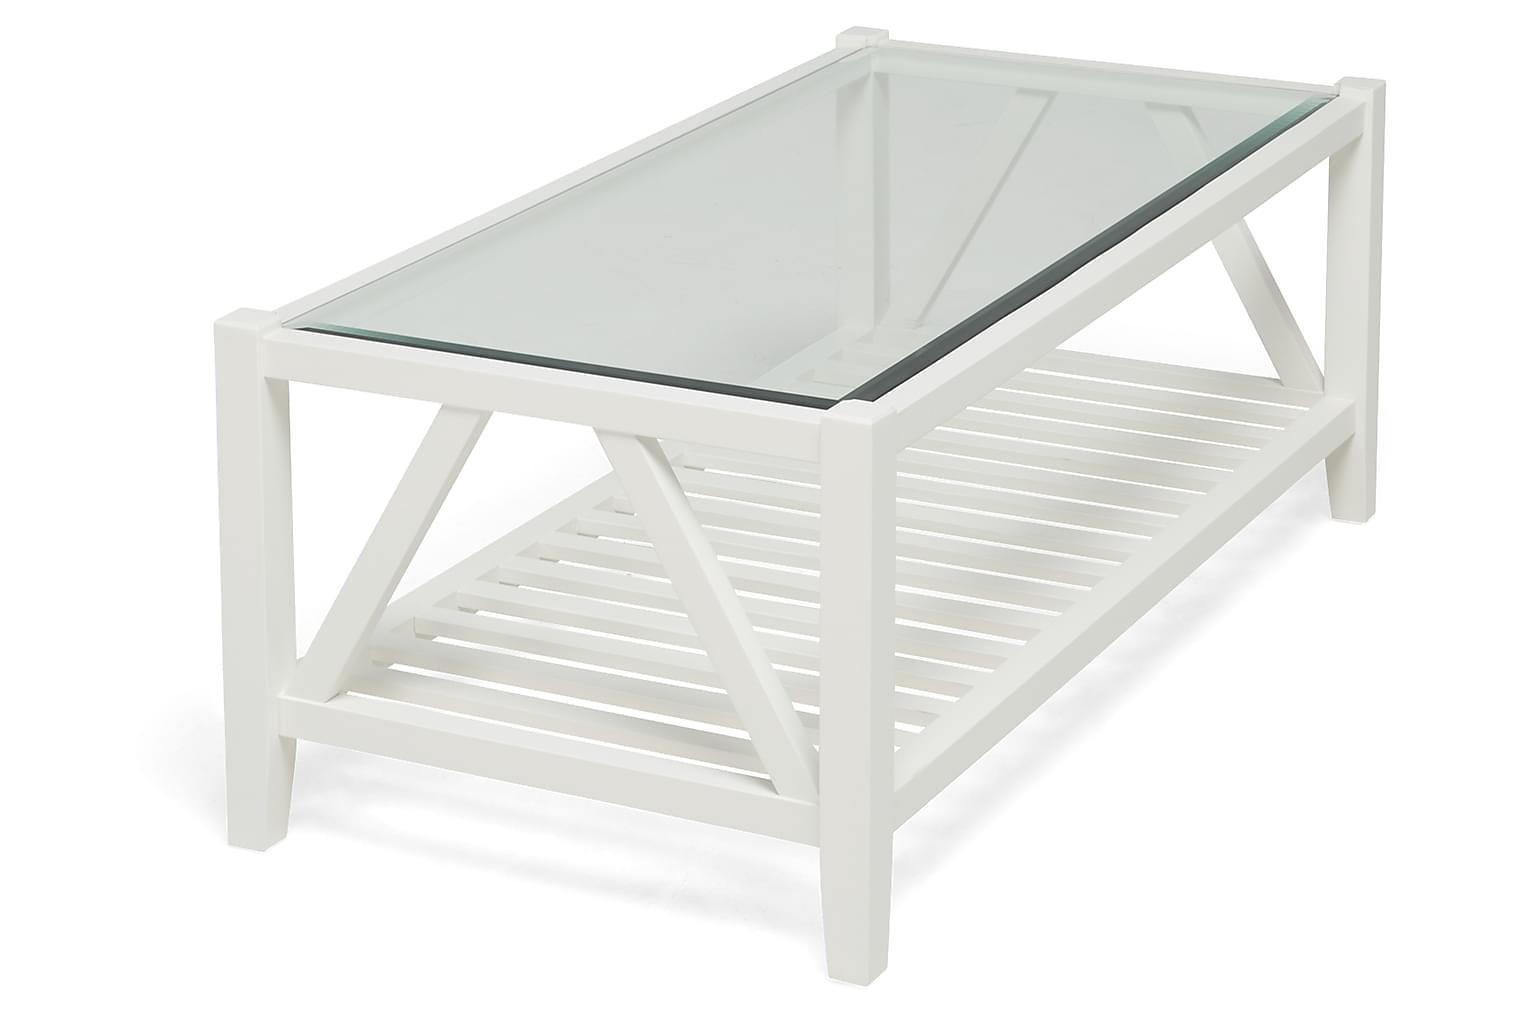 stuebord - Prissøk - Gir deg laveste pris